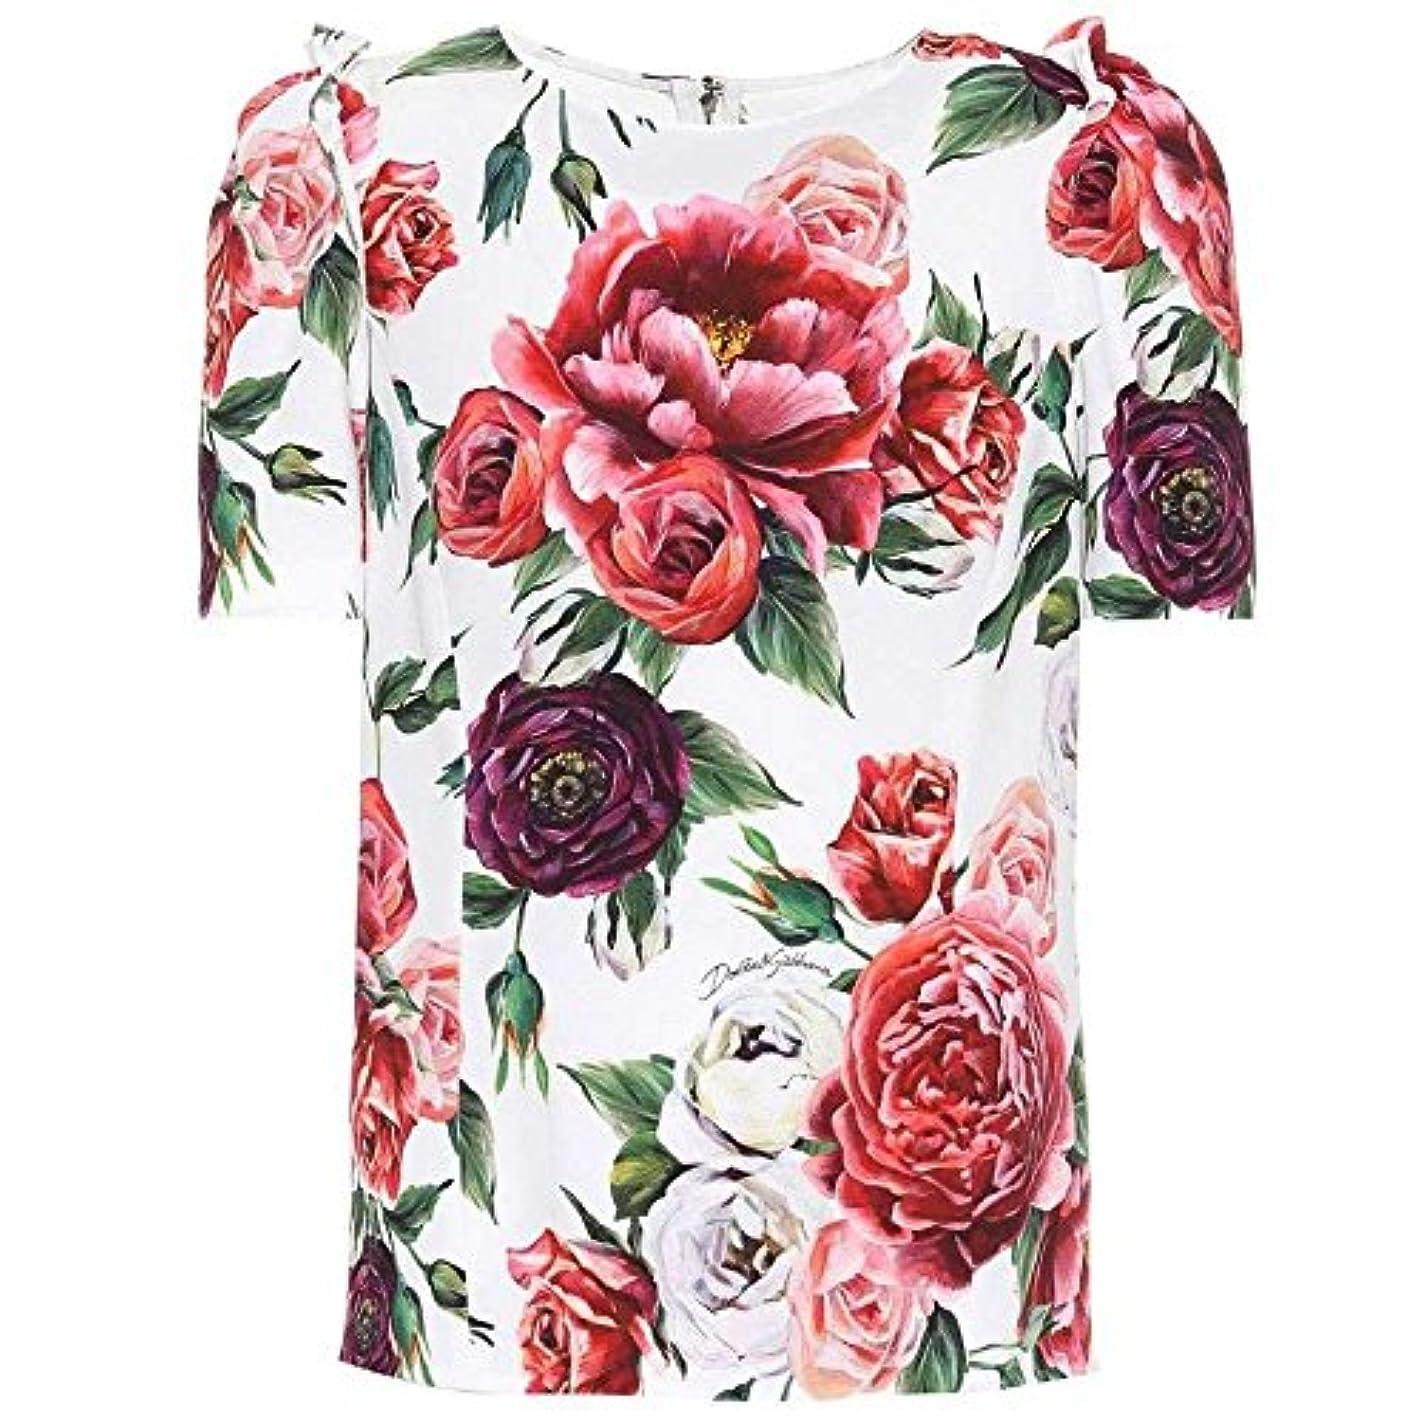 宣言差し控える交渉する(ドルチェ&ガッバーナ) Dolce & Gabbana レディース トップス Floral crepe top [並行輸入品]